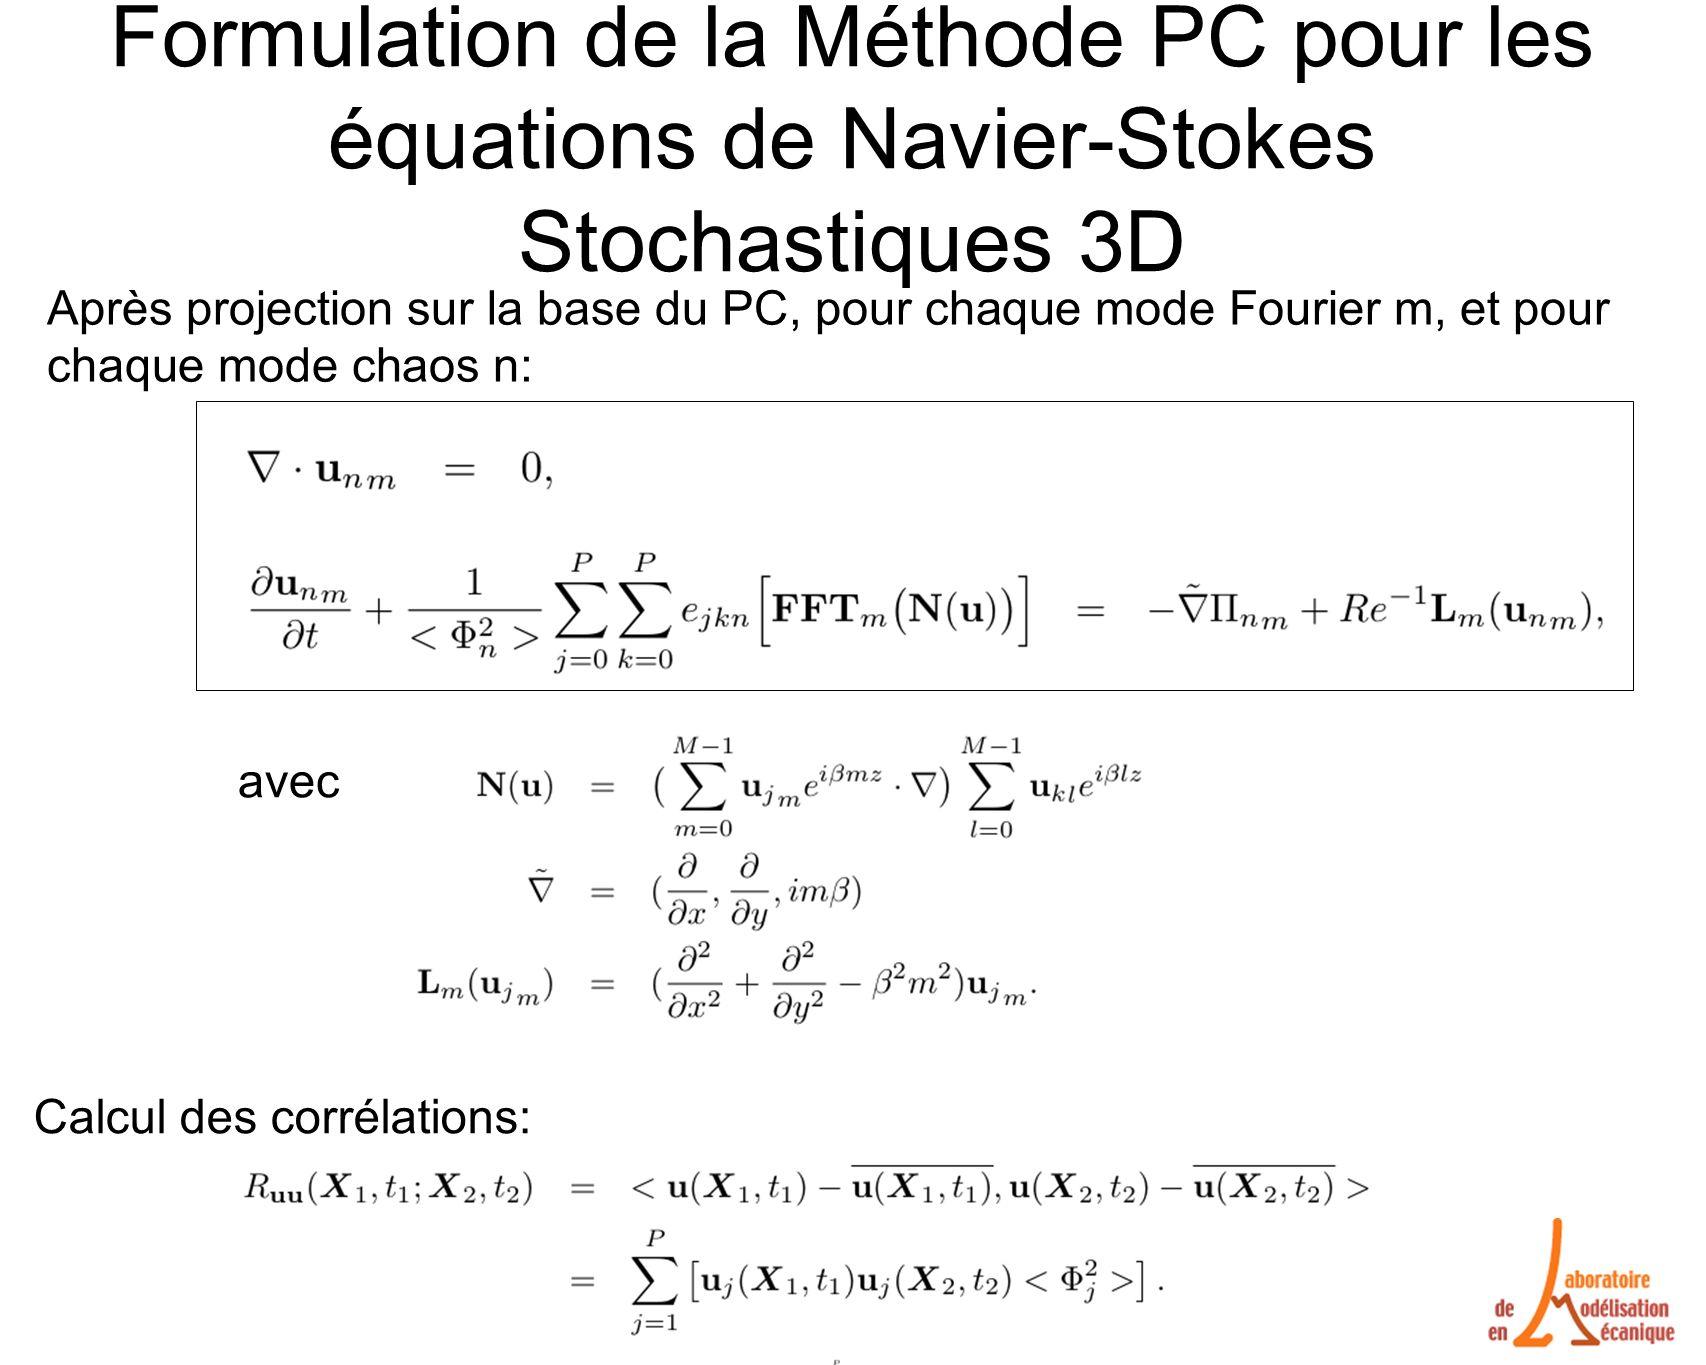 Formulation de la Méthode PC pour les équations de Navier-Stokes Stochastiques 3D avec Après projection sur la base du PC, pour chaque mode Fourier m, et pour chaque mode chaos n: Calcul des corrélations: